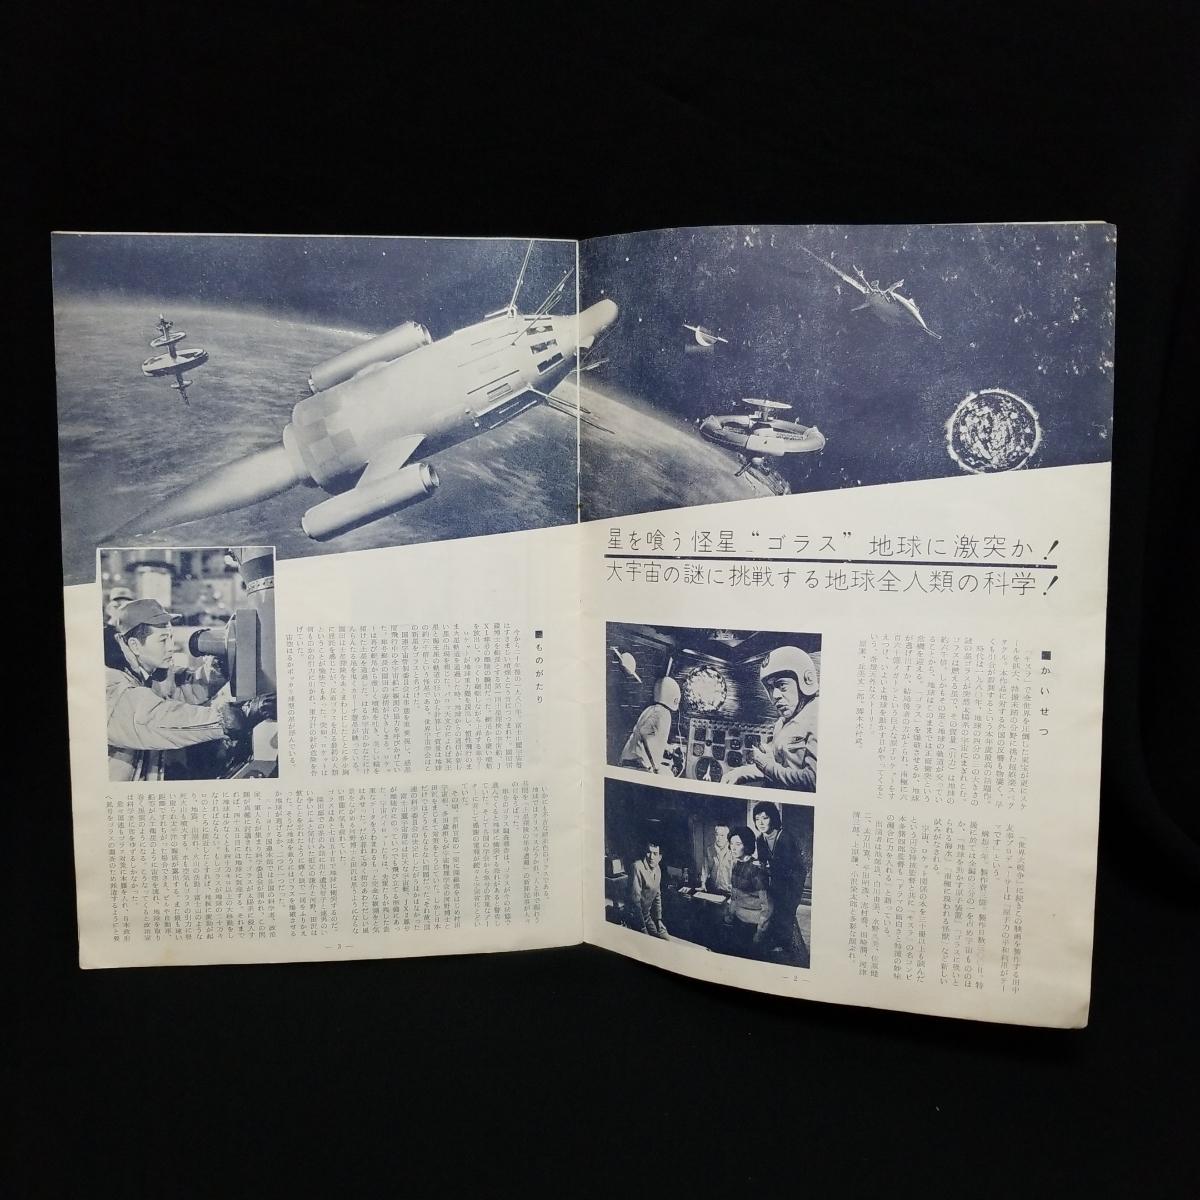 妖星ゴラス パンフレット 昭和37年 当時物 東宝 円谷英二 特撮映画_画像4